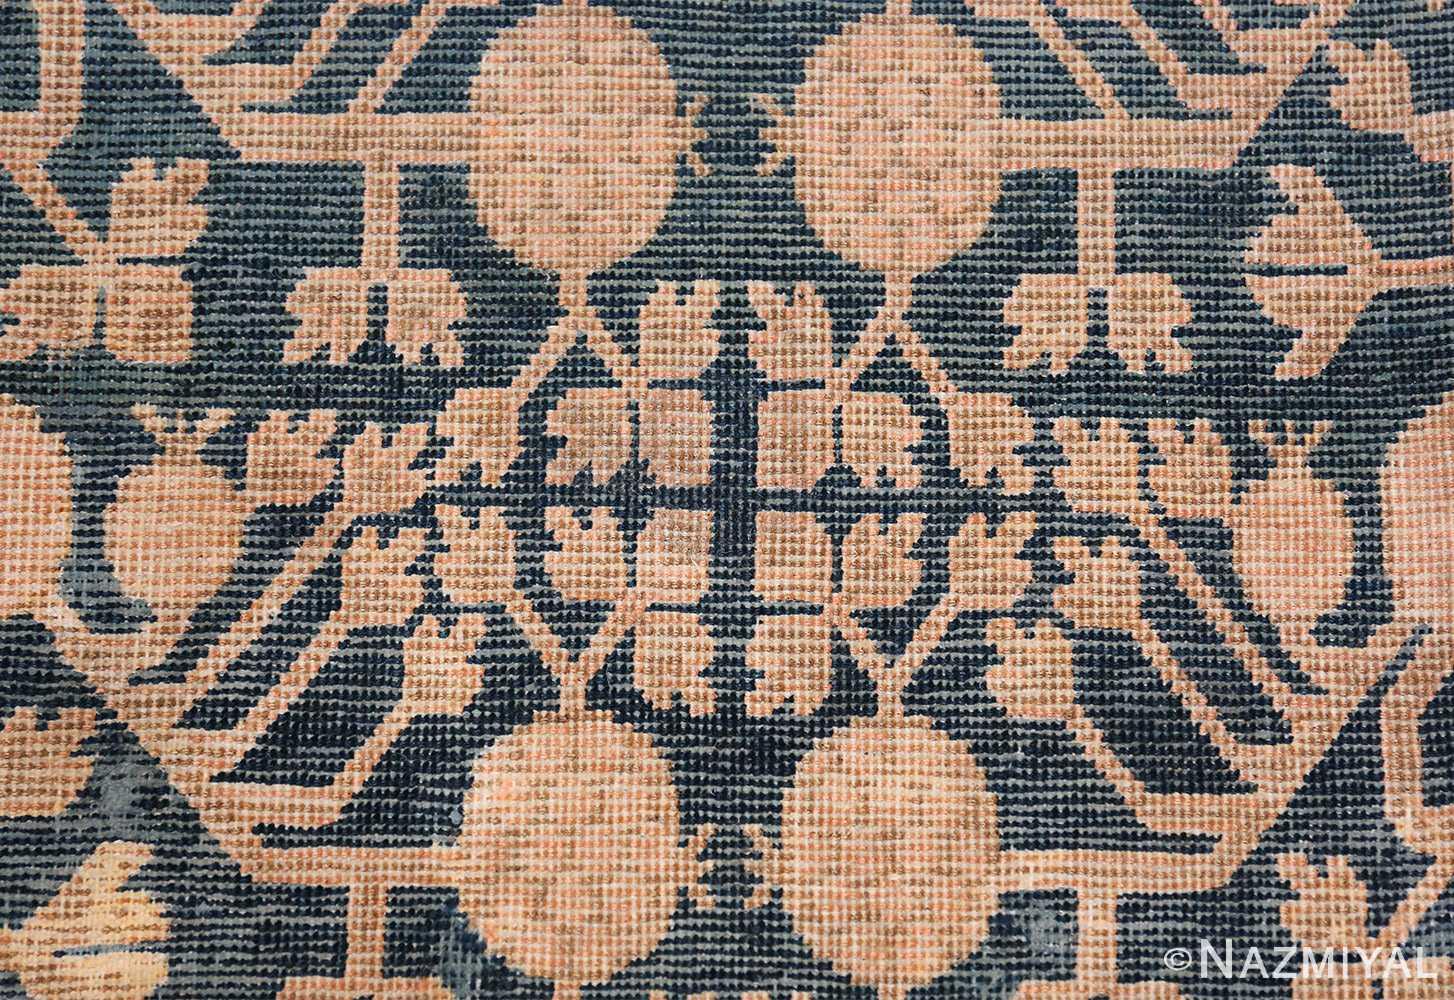 Blue Pomegranate Design Room Size Antique Khotan Rug 50094 Leaves Branches Nazmiyal